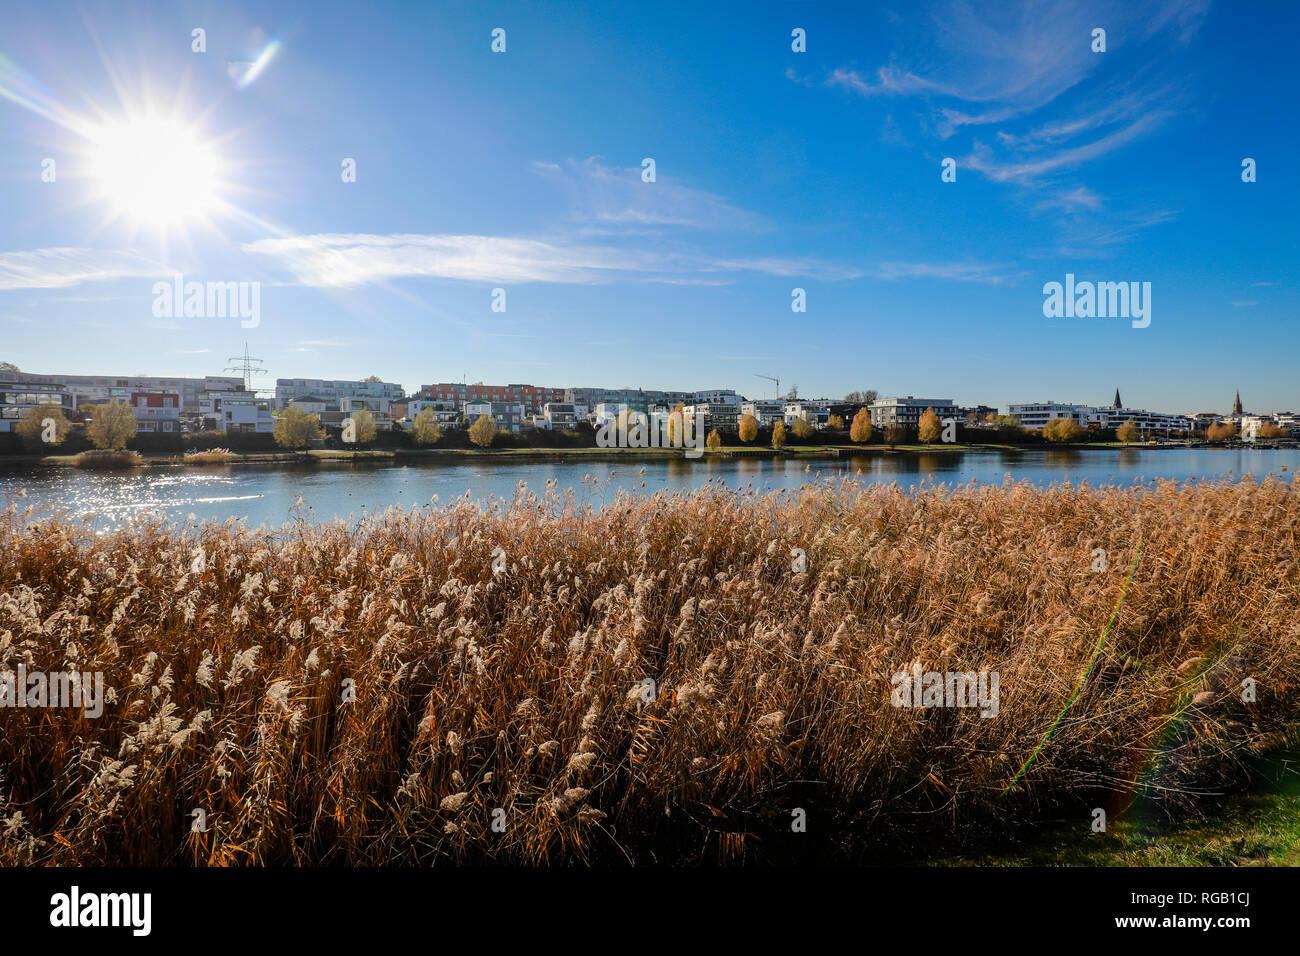 Dortmund, Renania settentrionale-Vestfalia, la zona della Ruhr, Germania - Lago di Phoenix, Lago di Phoenix è un lago artificiale sulla ex acciaierie Phoenix-Ost sito in D Foto Stock